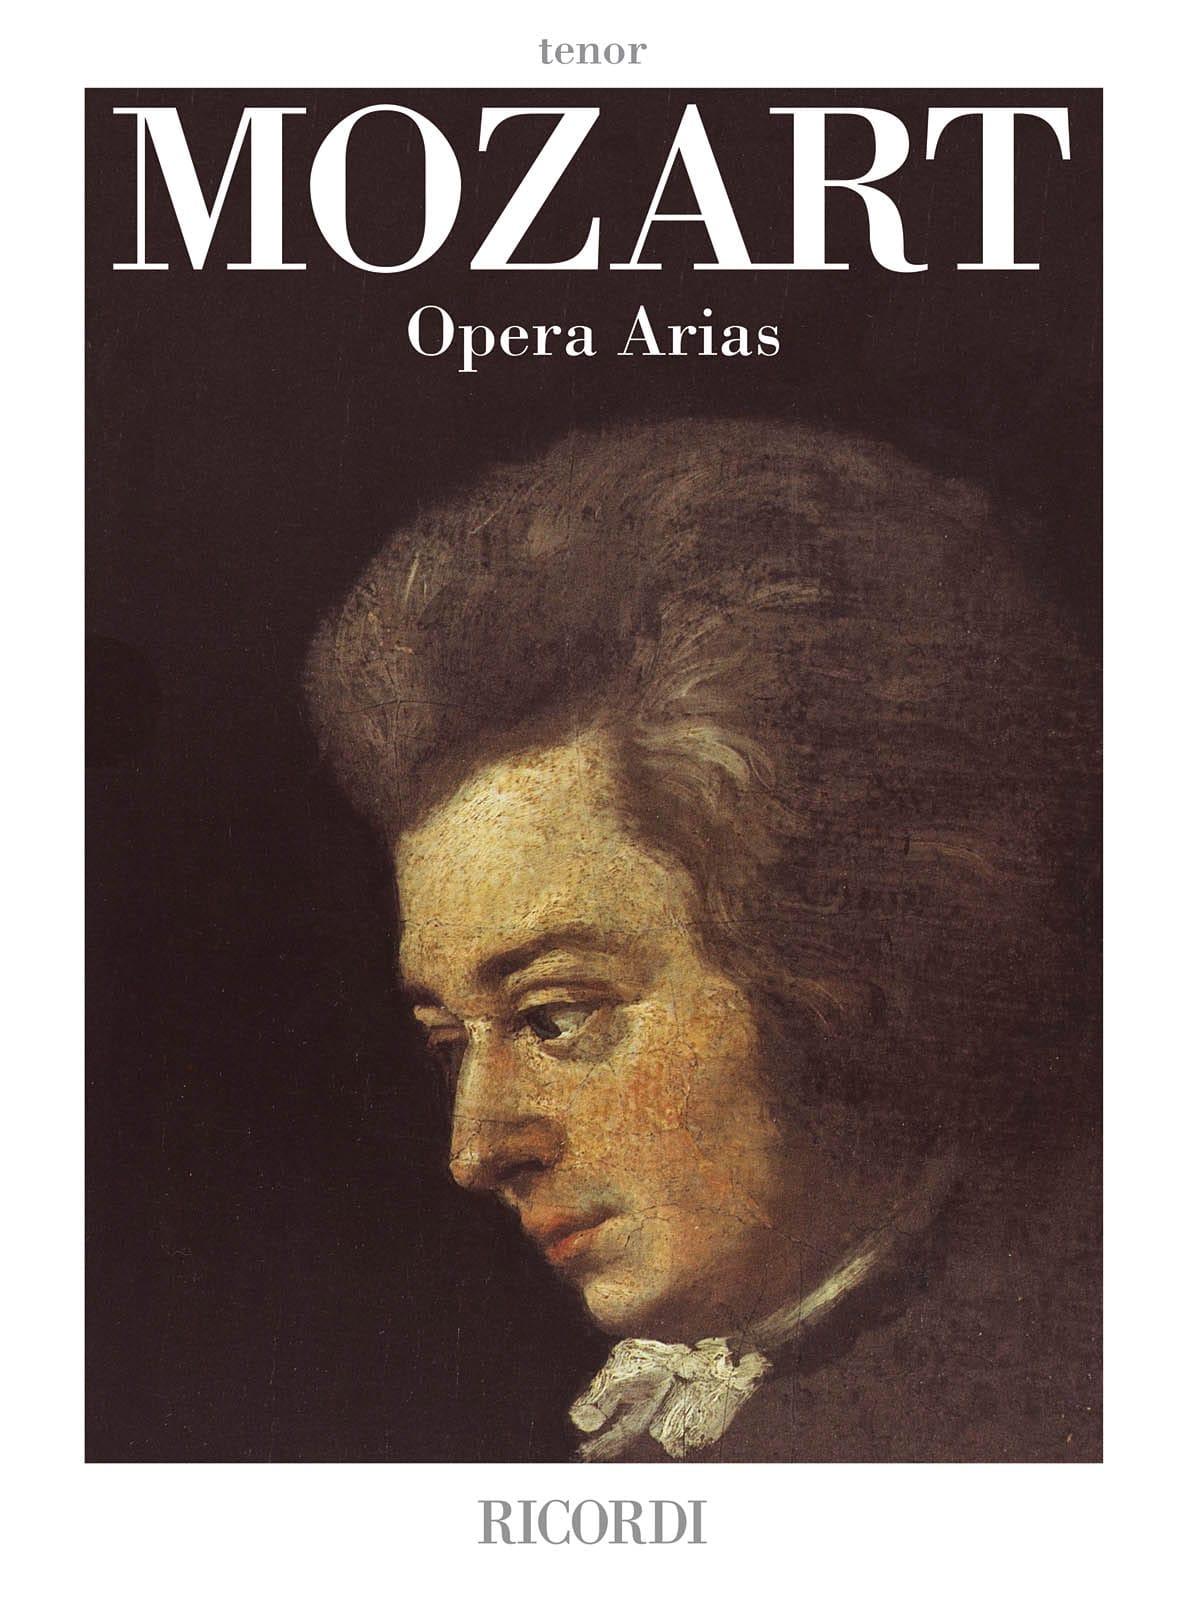 Opera Arias. Ténor - MOZART - Partition - Opéras - laflutedepan.com